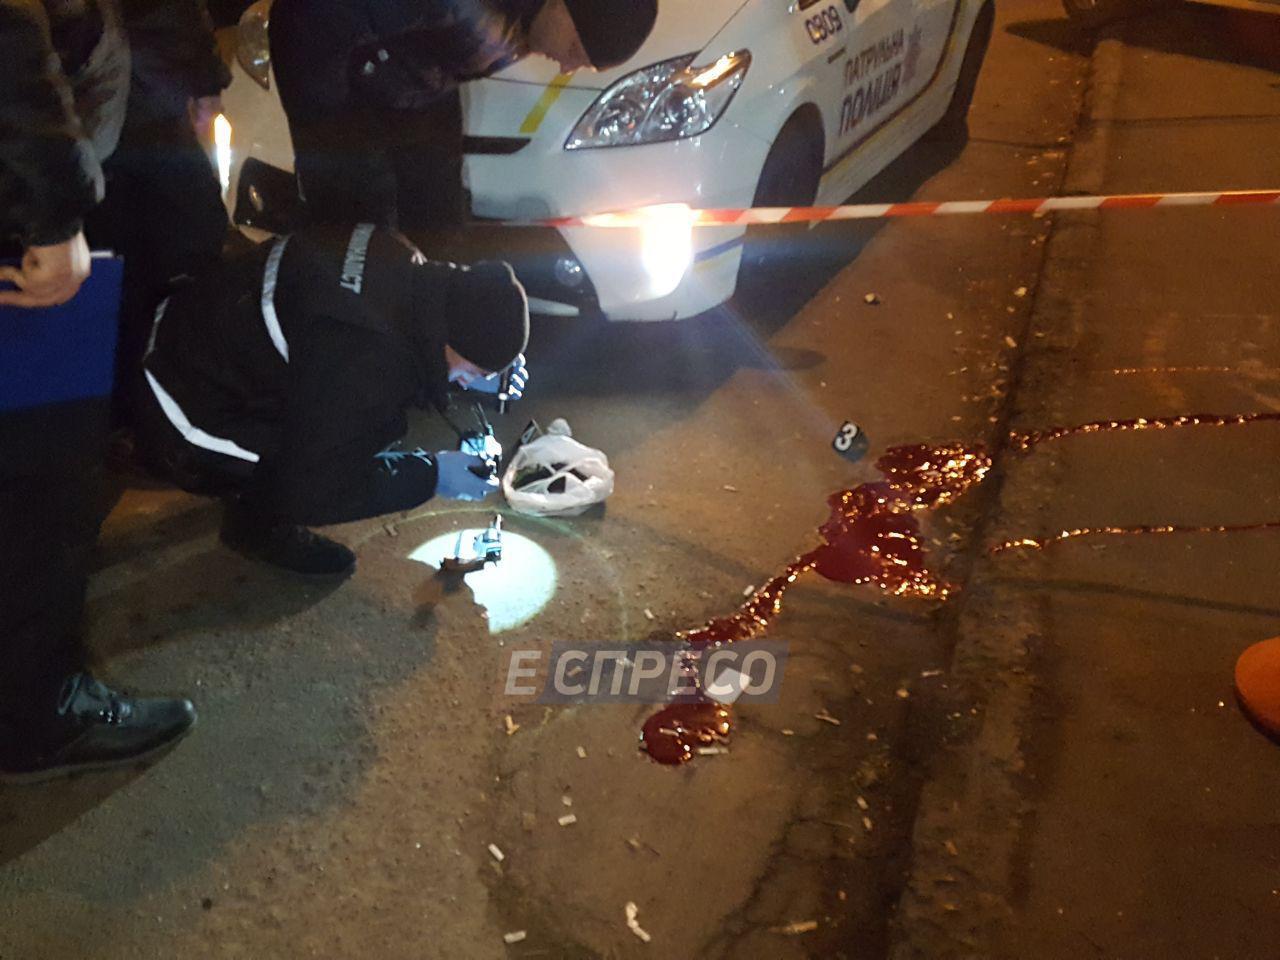 На остановке транспорта в Киеве застрелился неизвестный мужчина